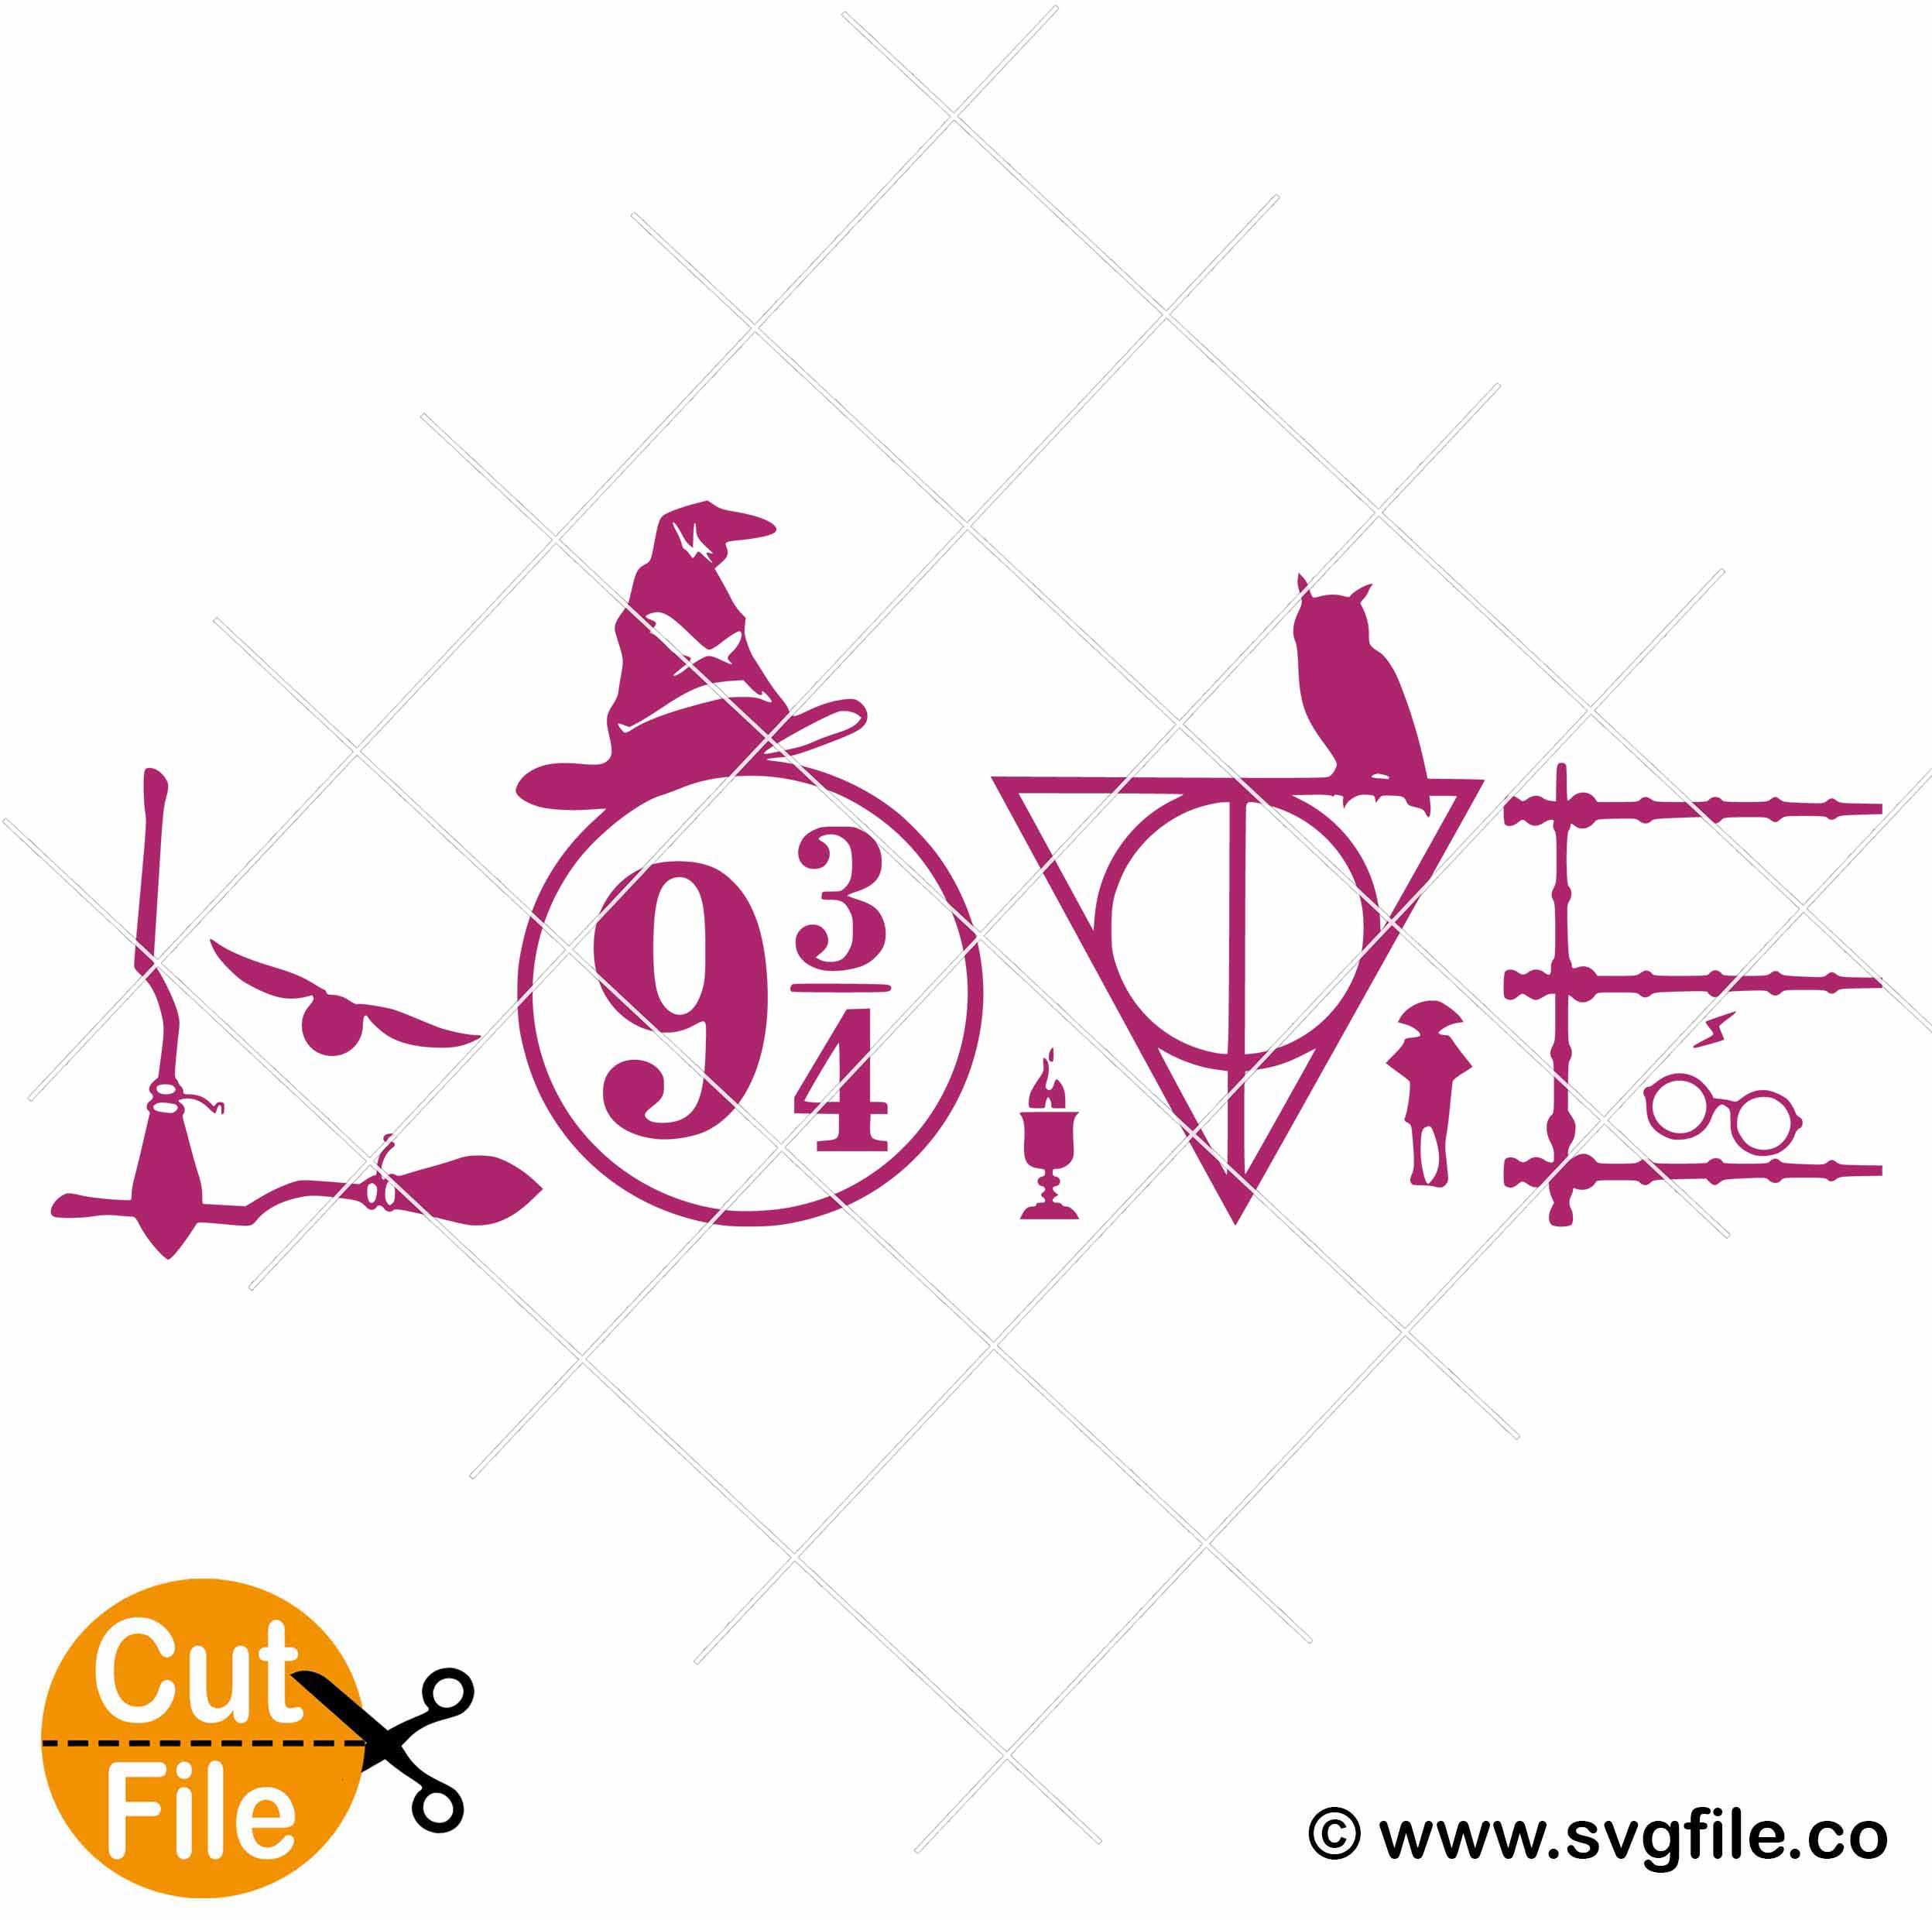 Download Harry Potter Love svg 001 - Svgfile.co - 0.99 Cent SVG ...